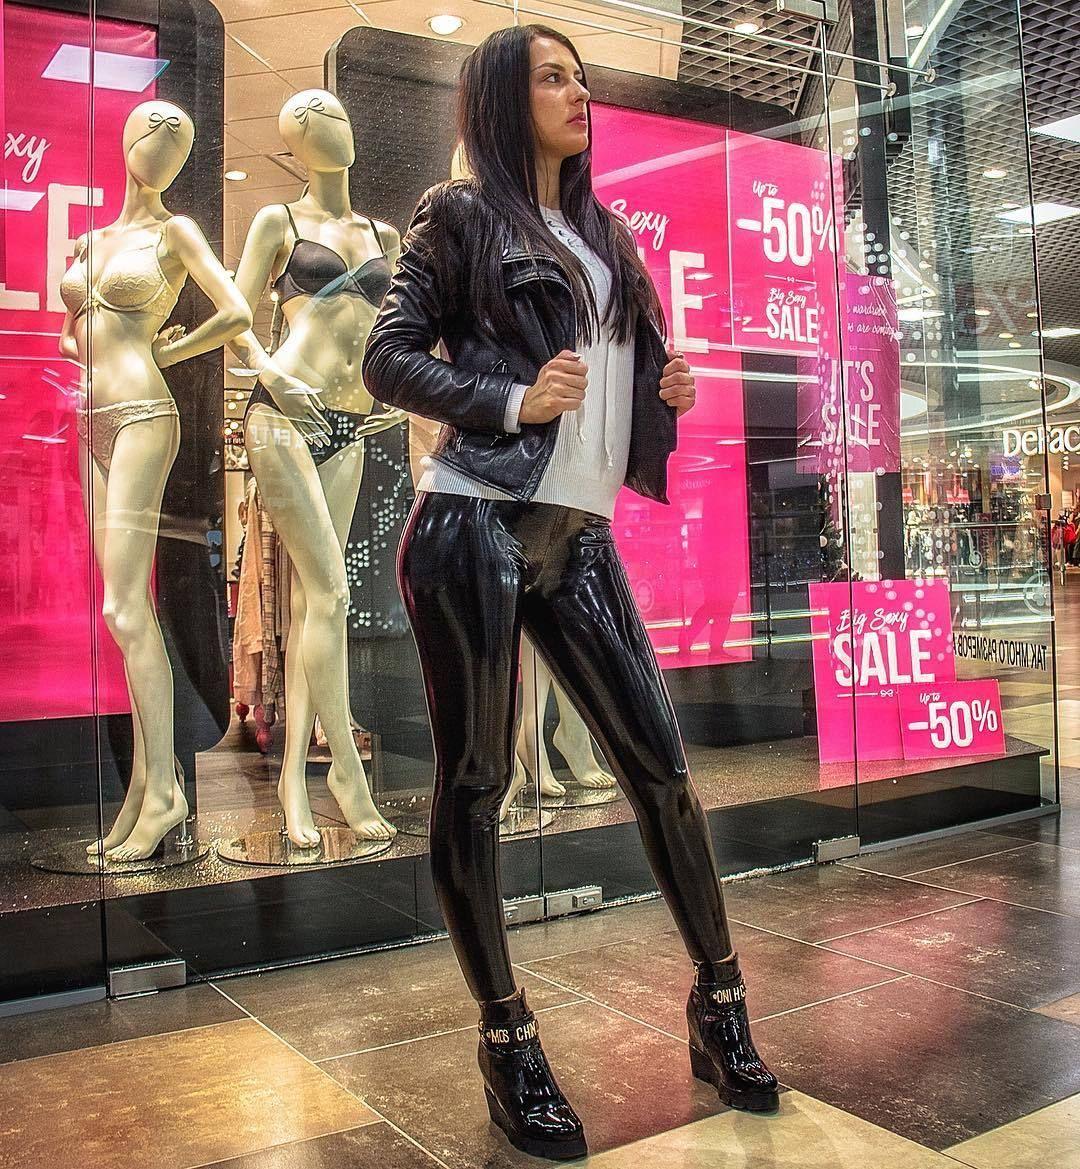 Bondage shops in eugene or photos 56